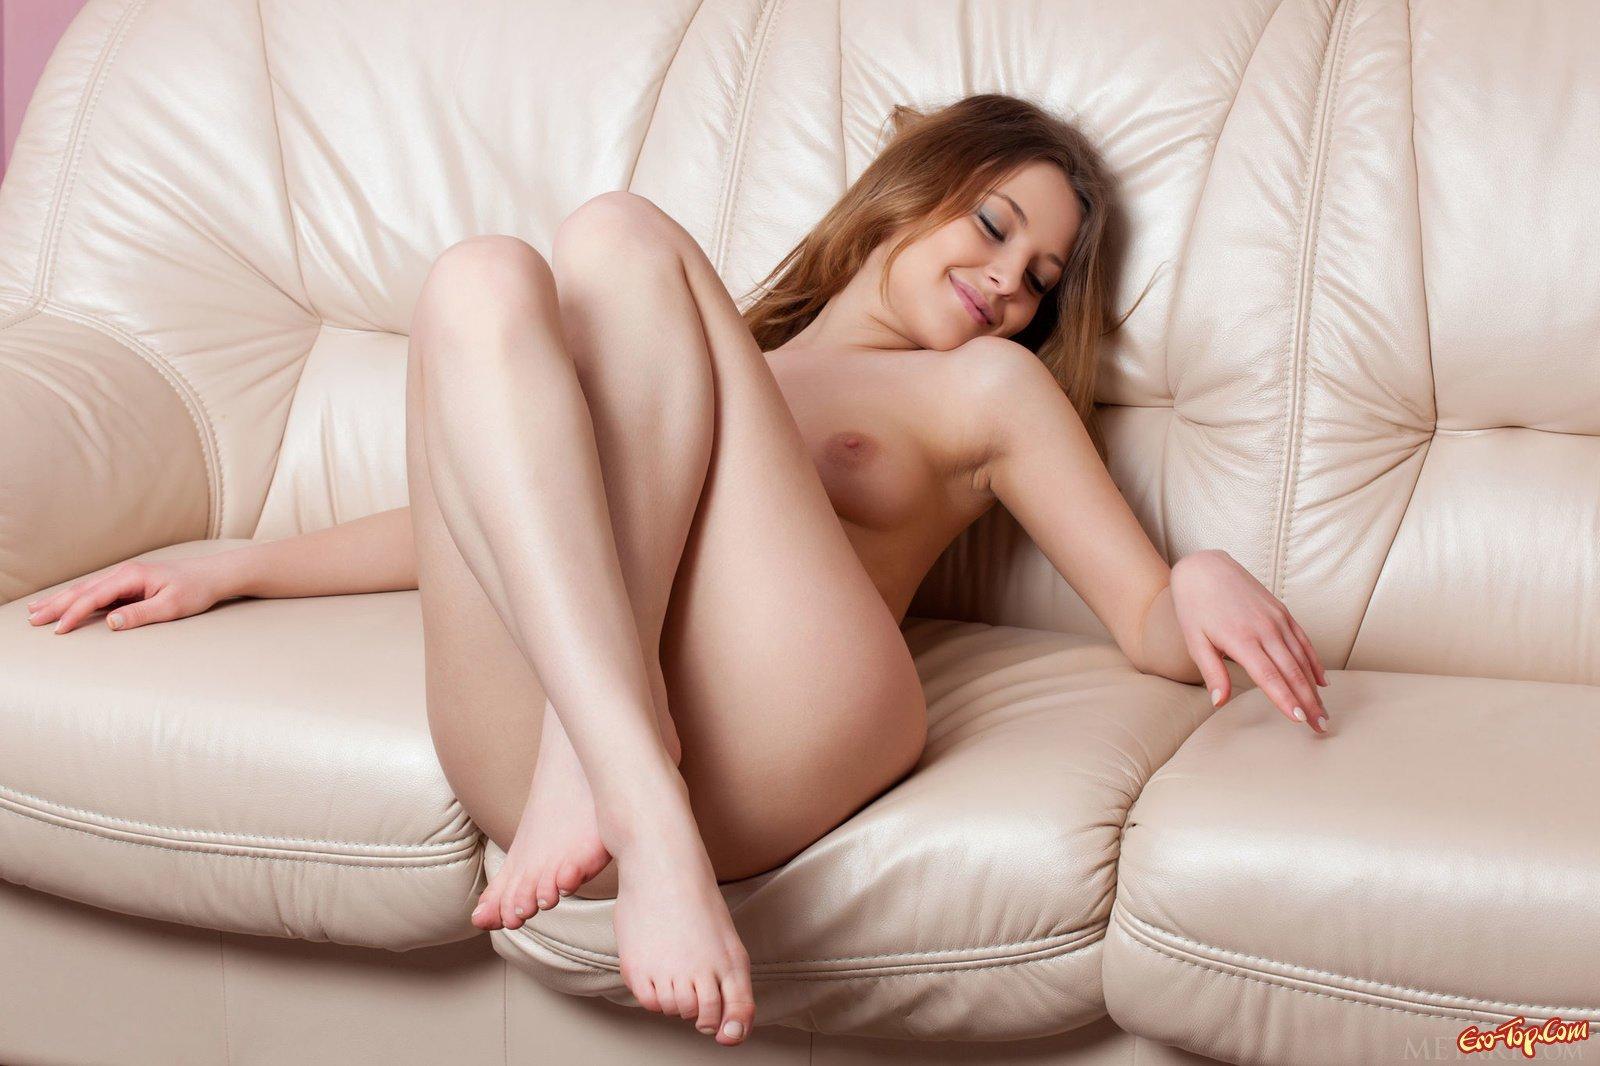 Сексуальная девушка показывает себя голой